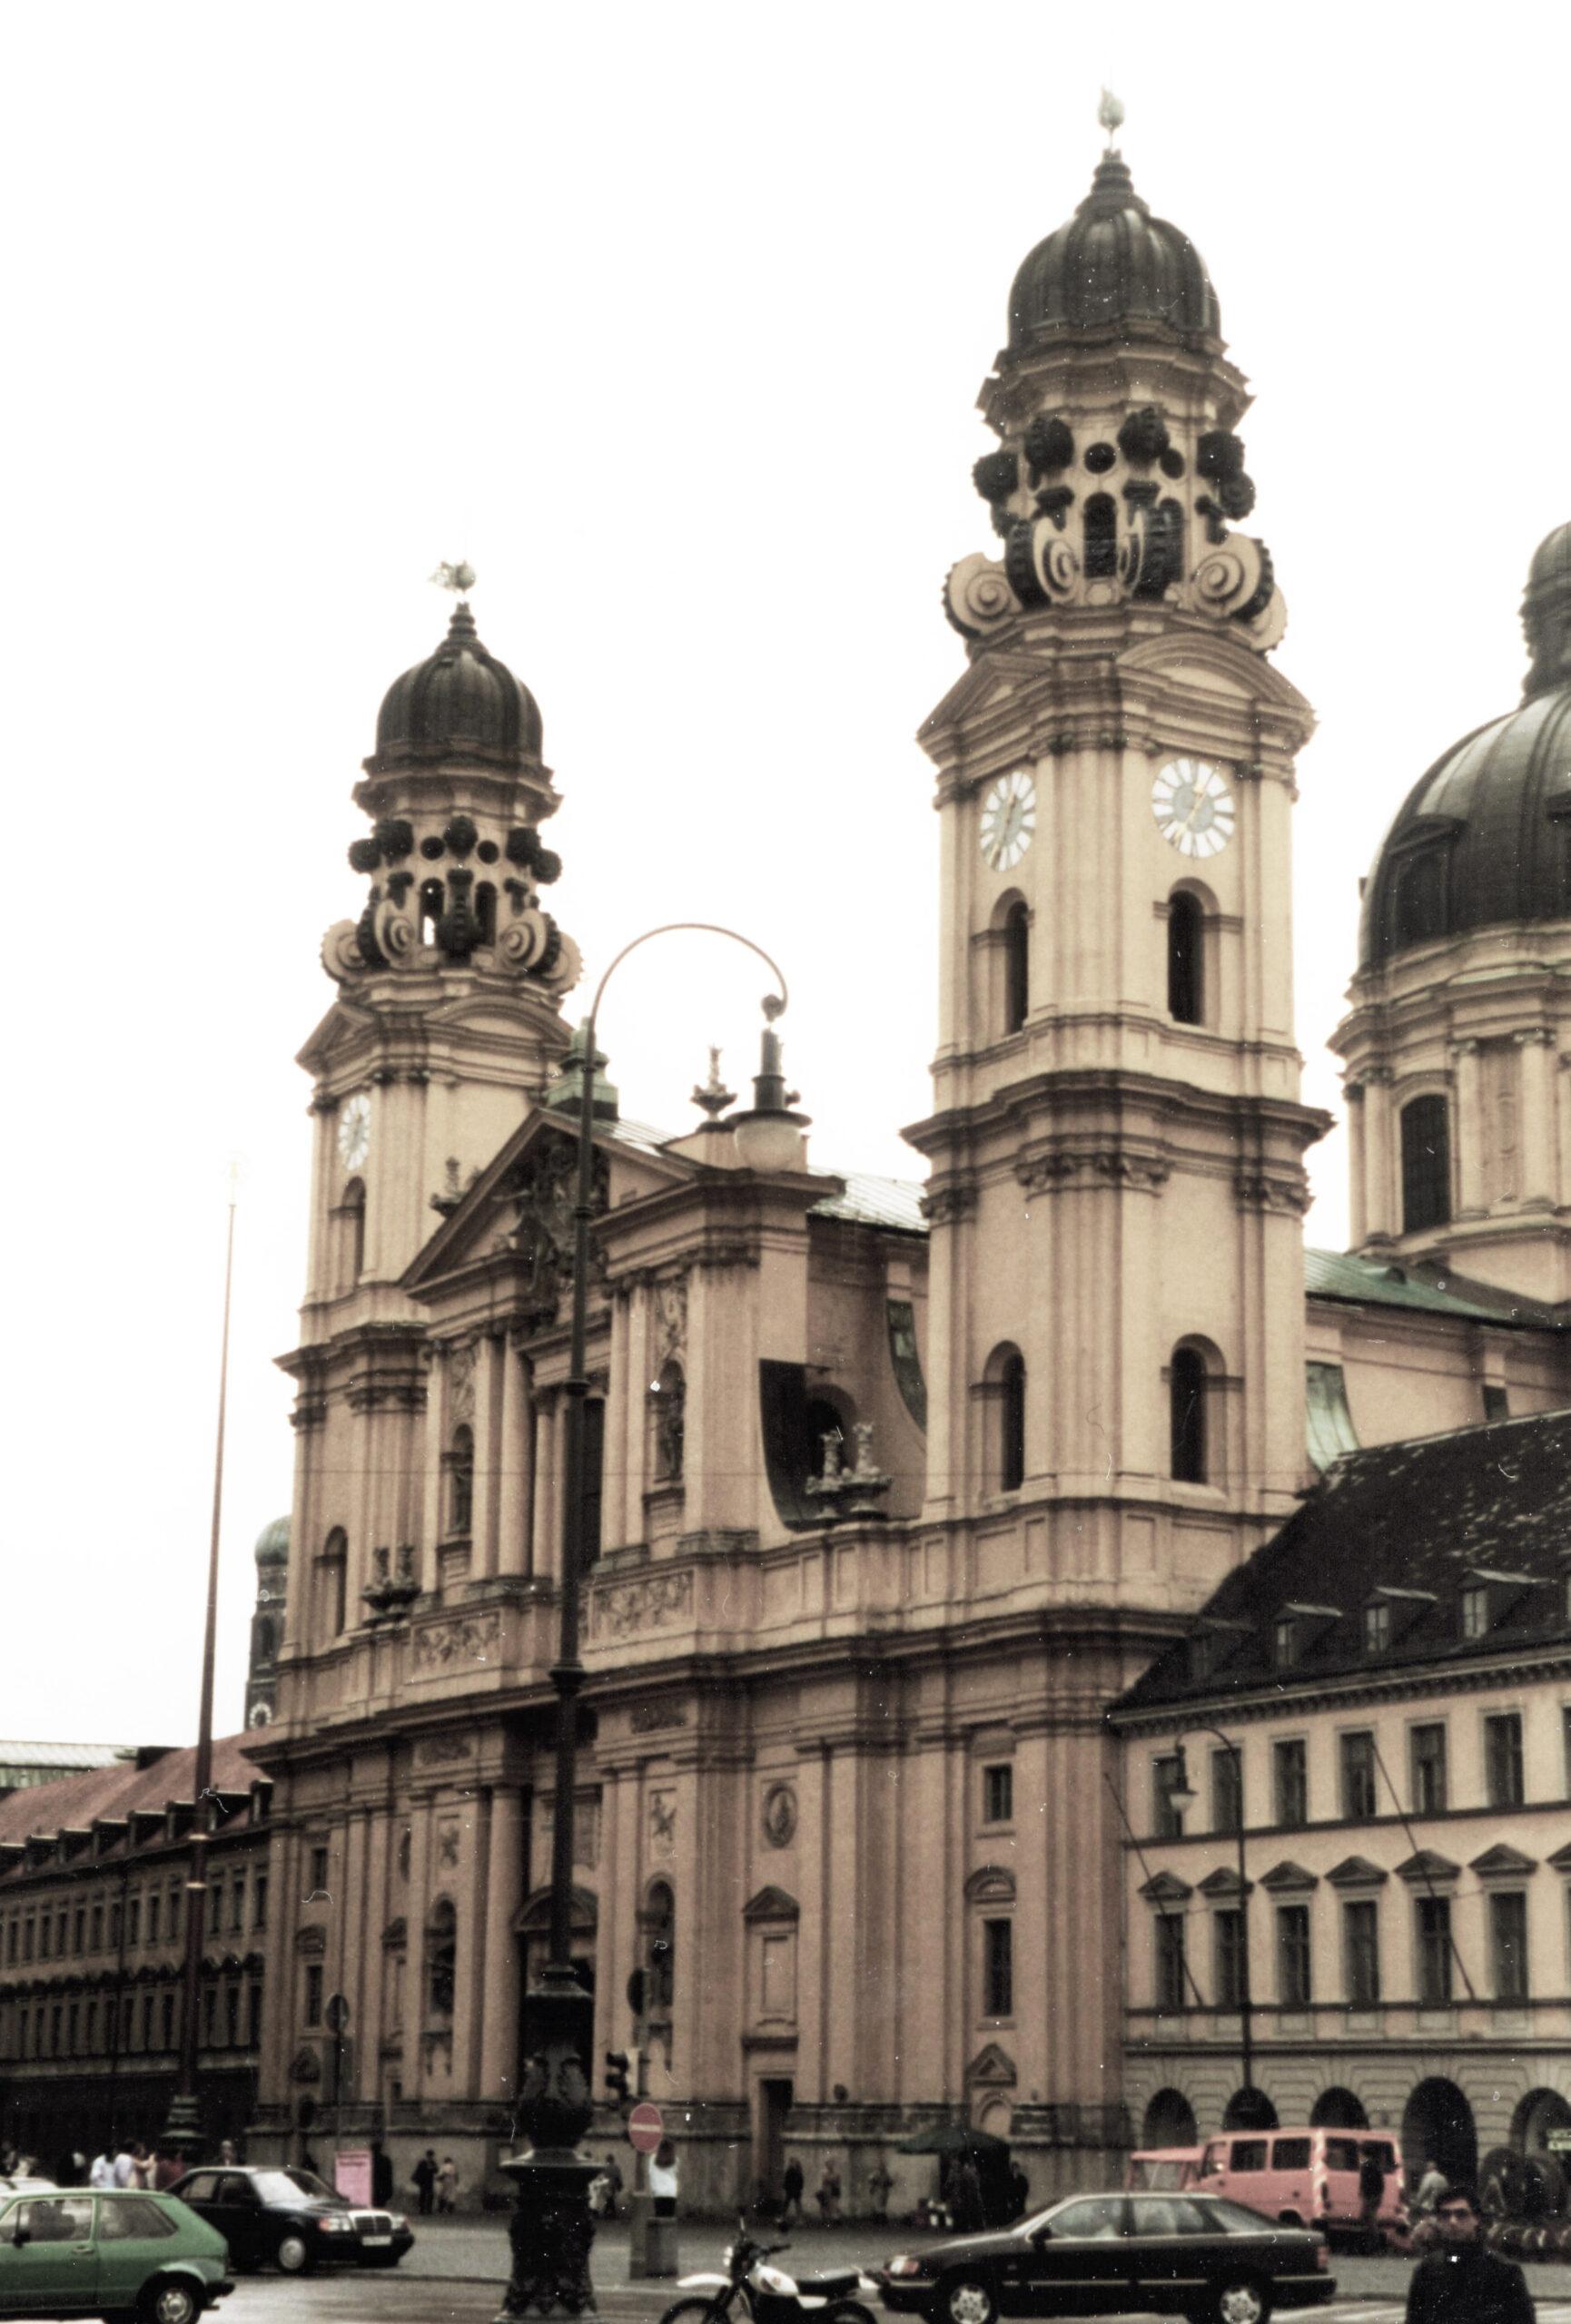 Münih'te 17. yüzyıl eseri Theatin Kilisesi